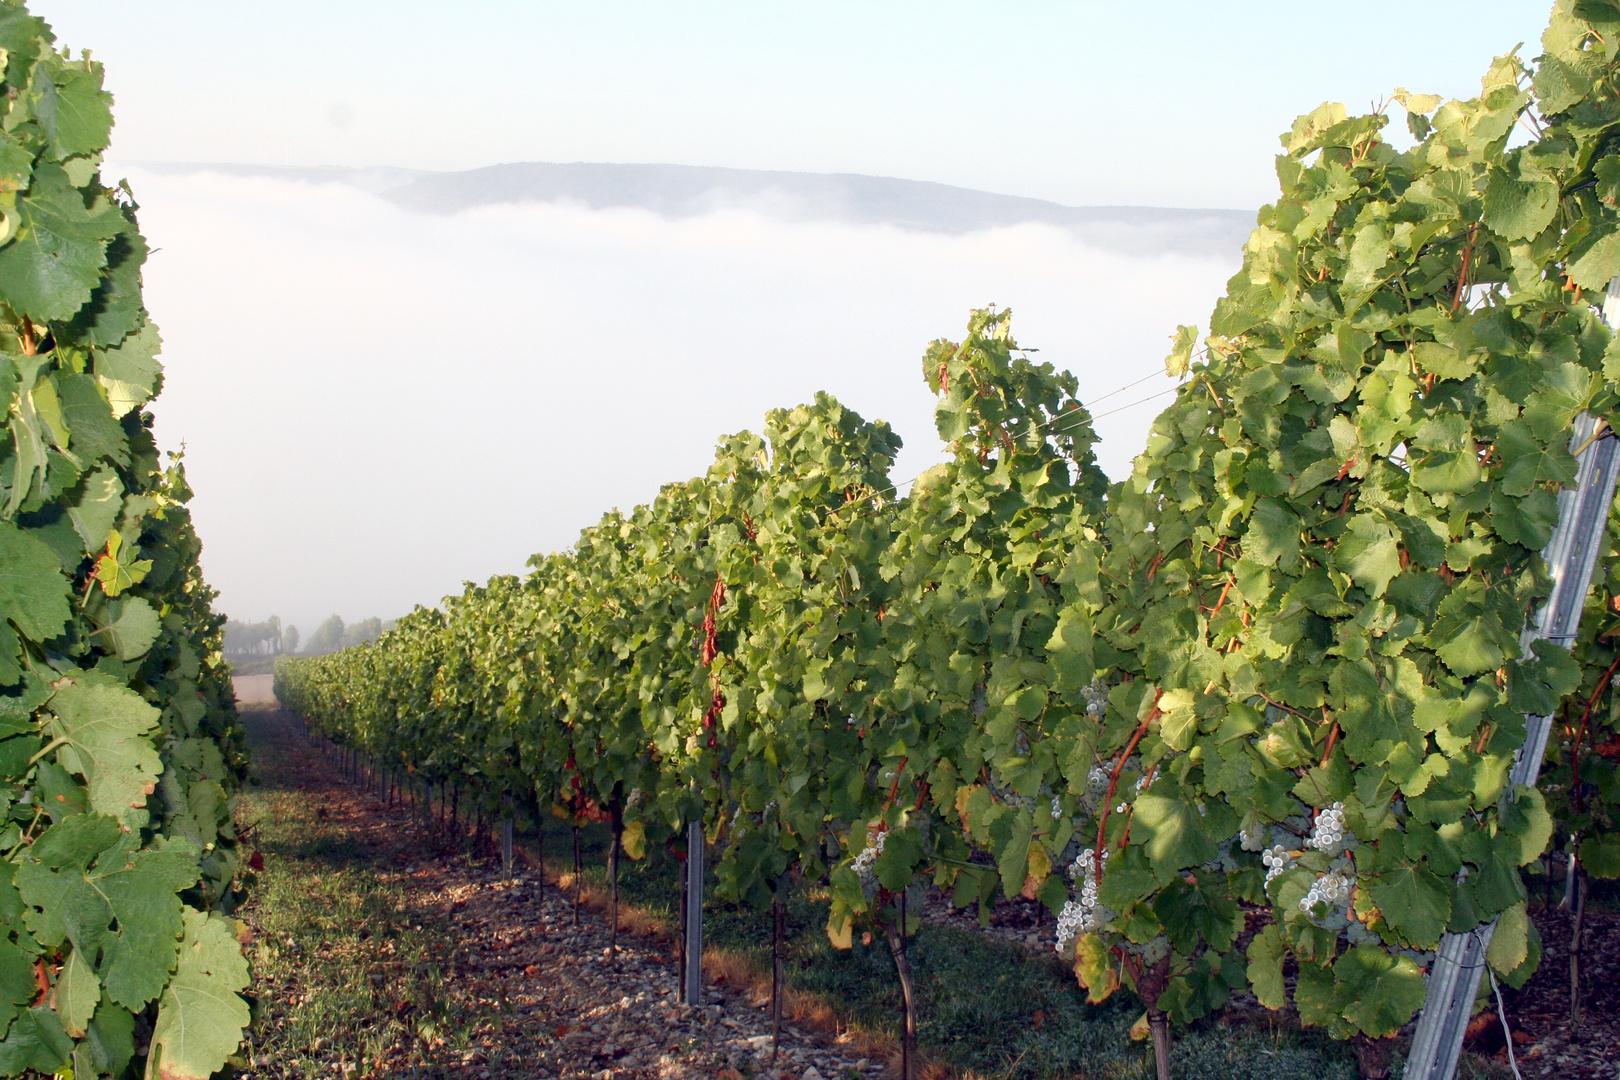 Nebel in den Weinbergen über dem Maintal